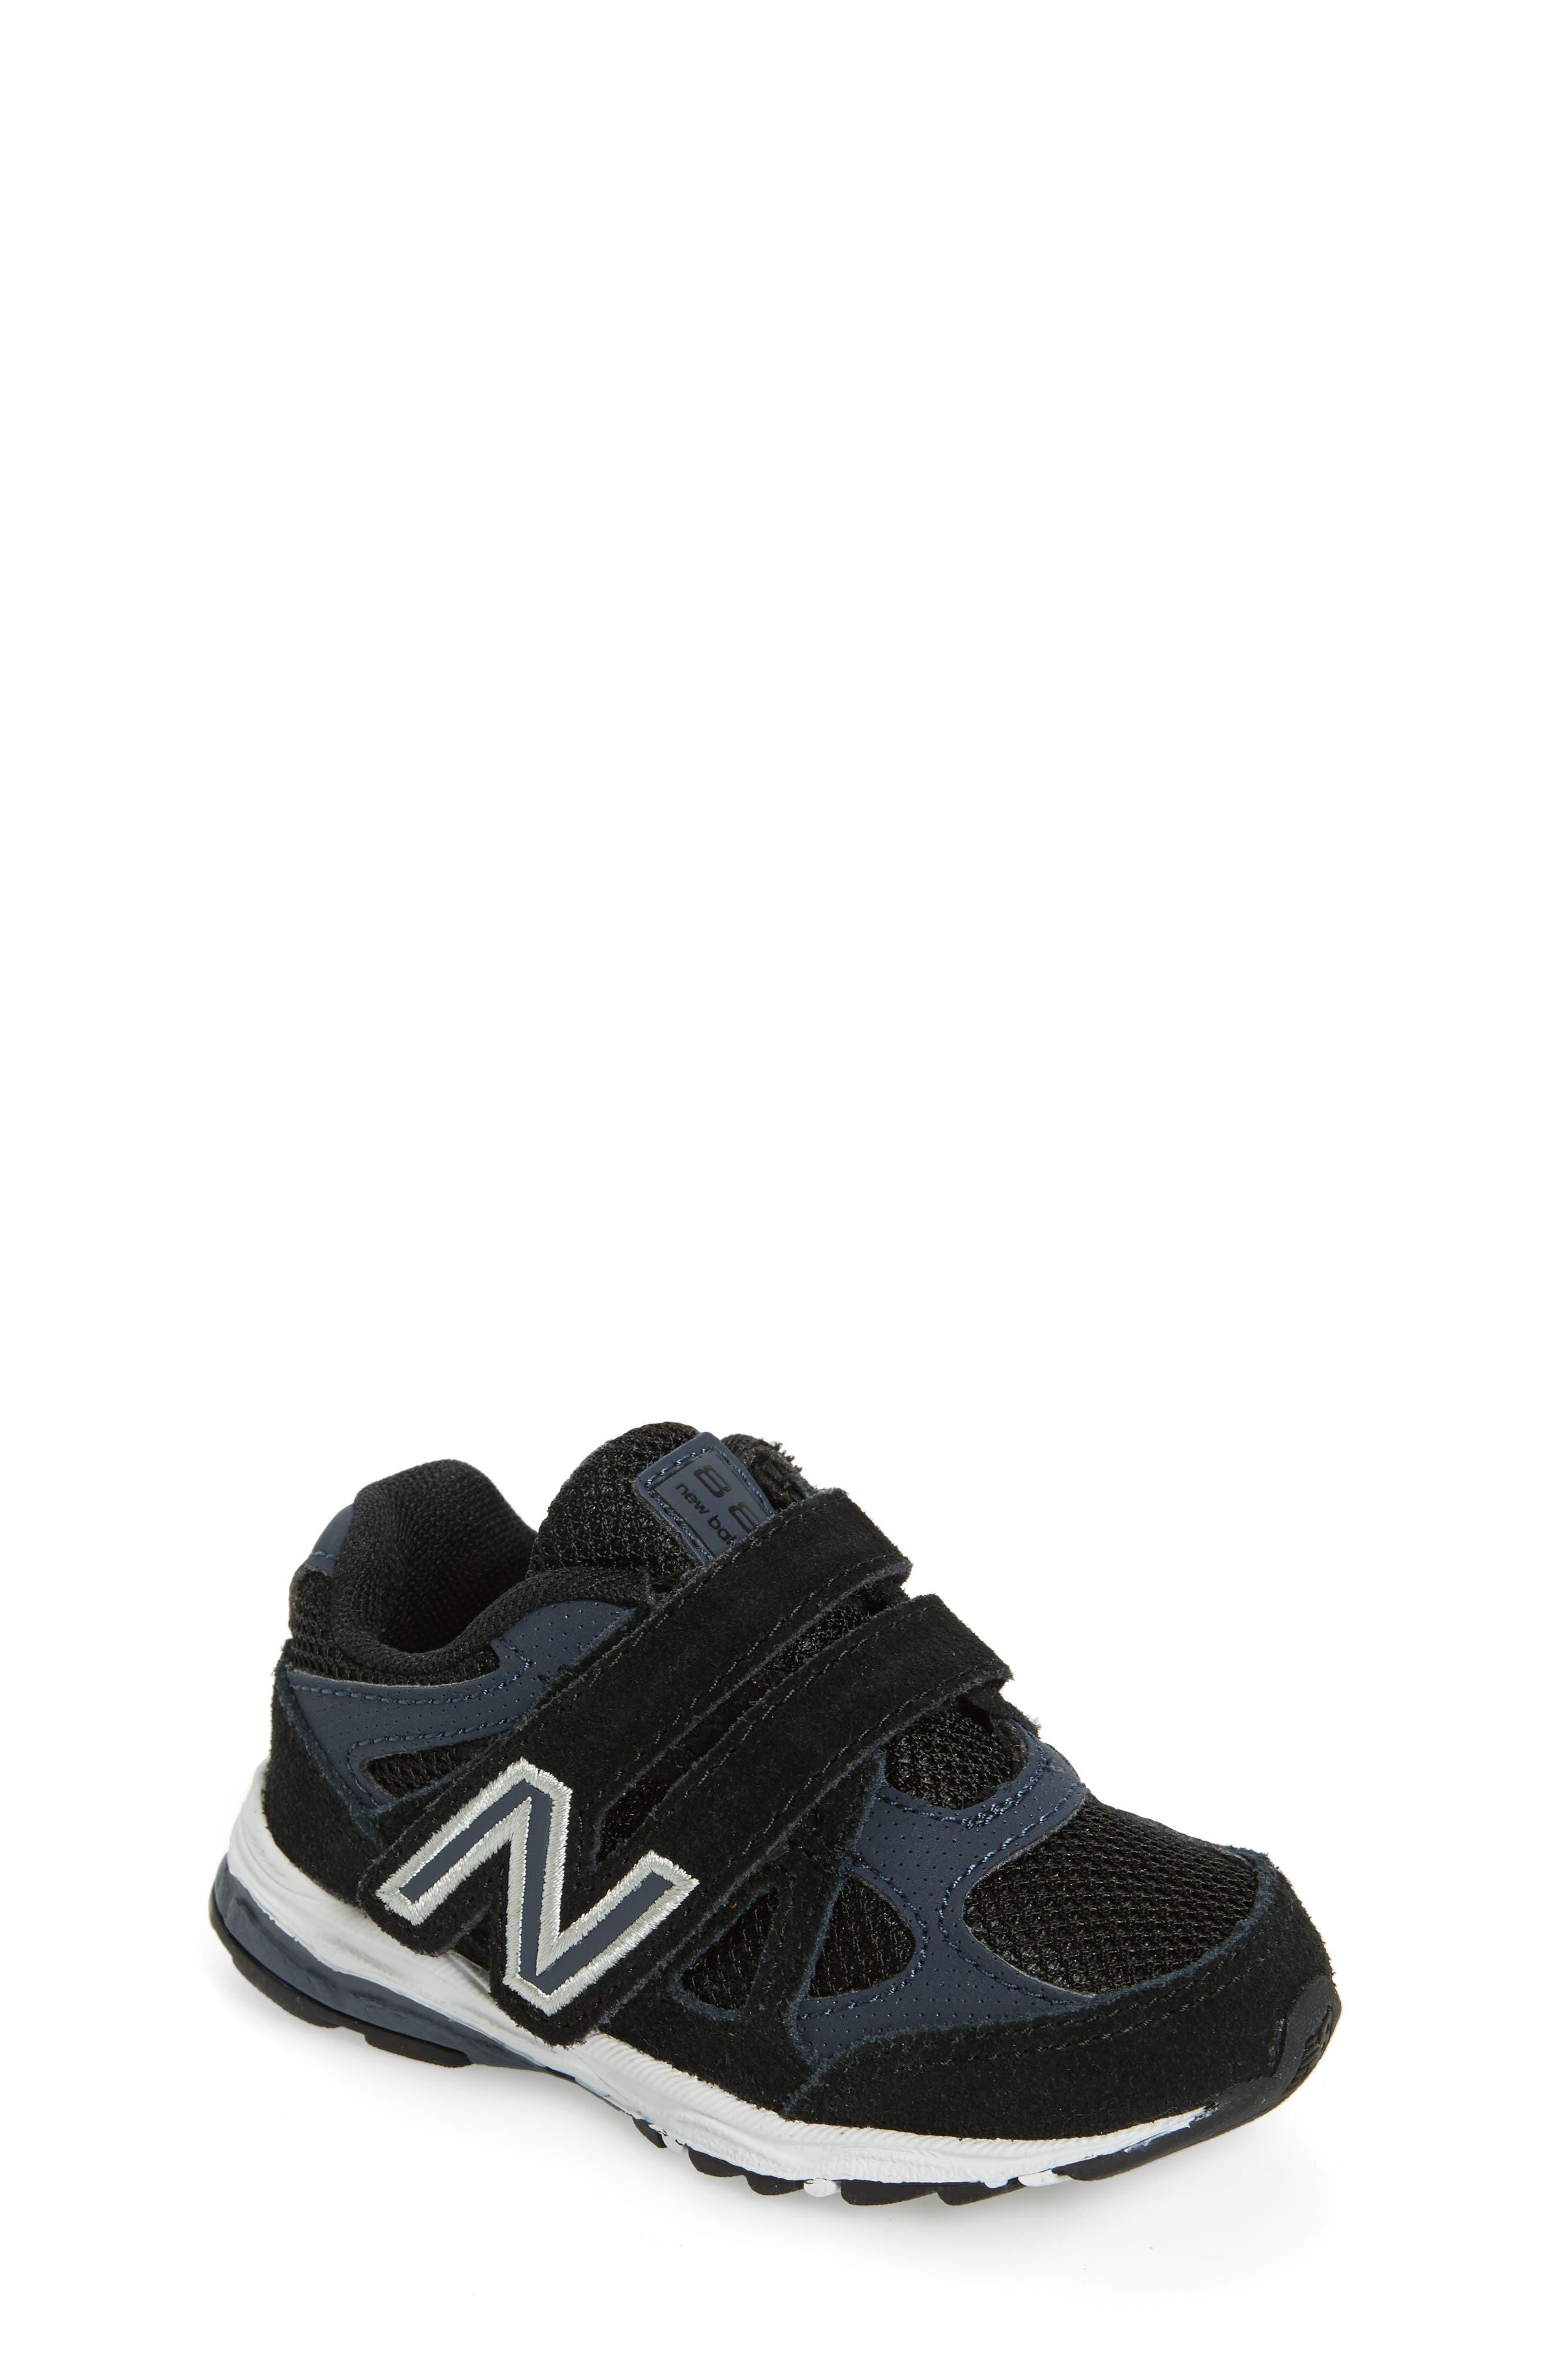 888 Sneaker,                         Main,                         color, 003